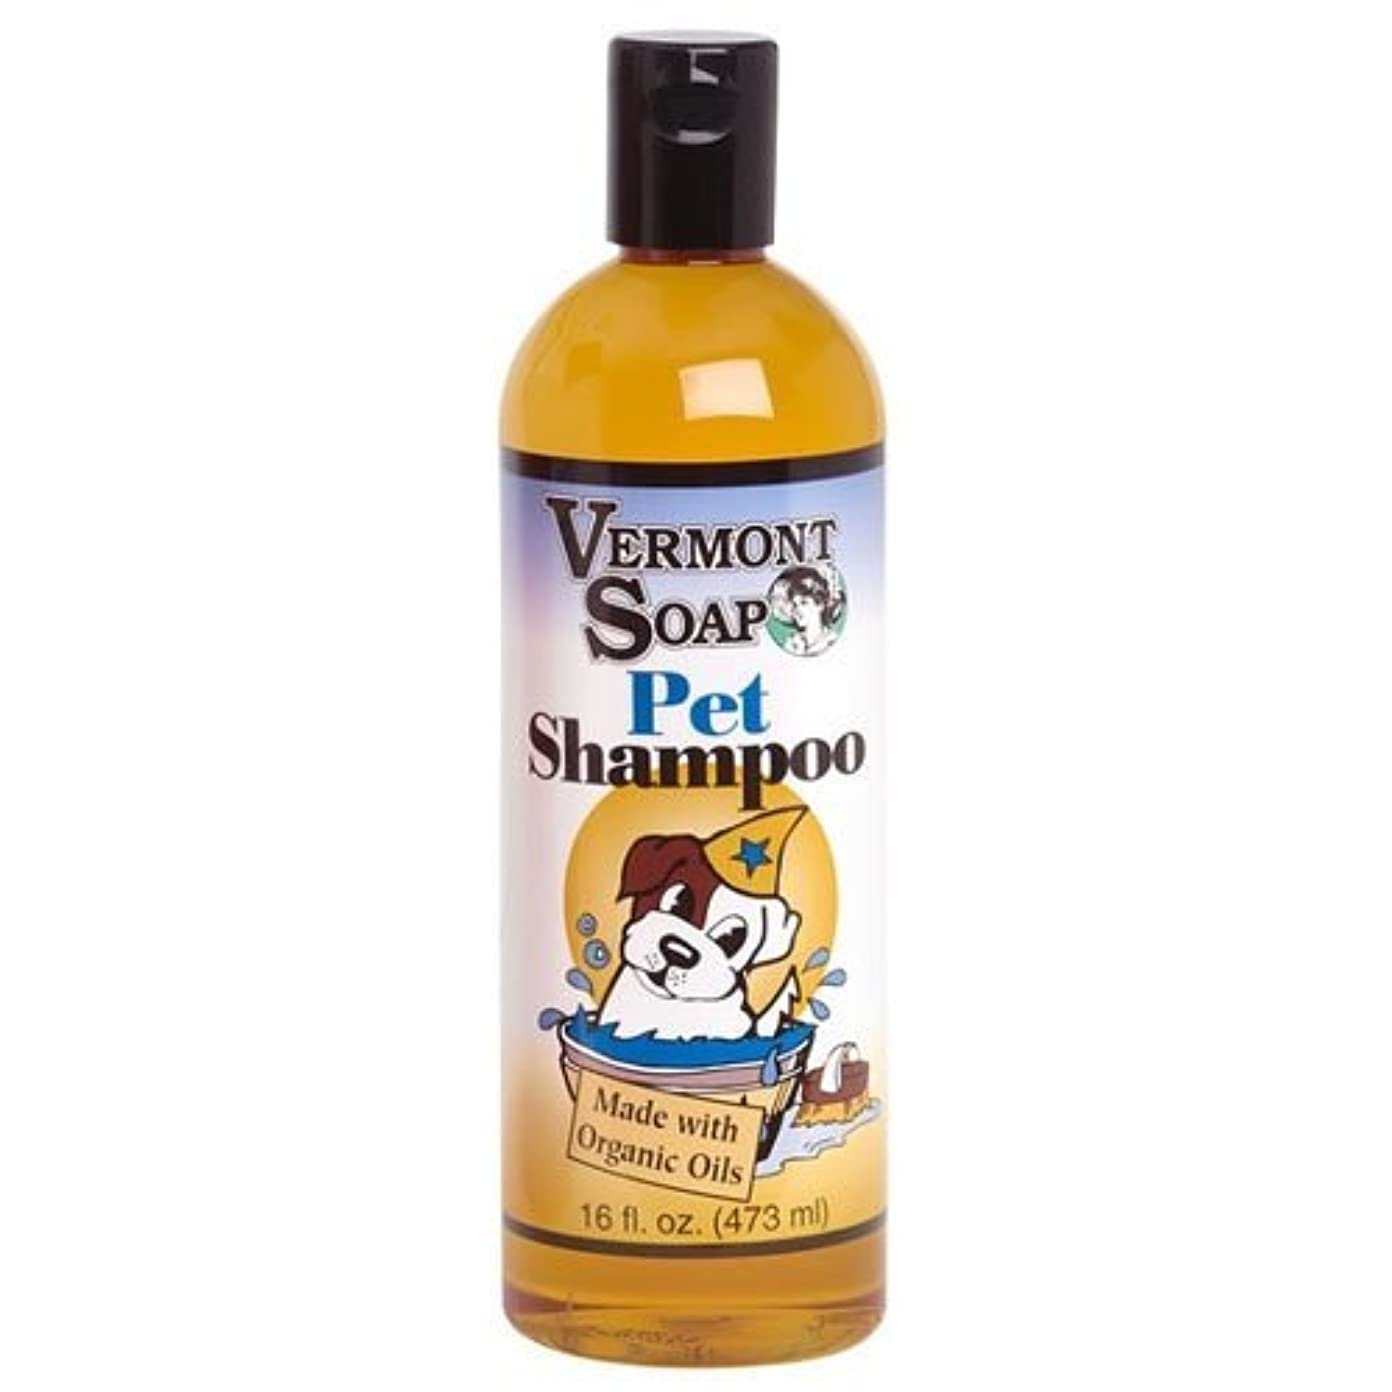 センサーニンニクレールバーモントソープ オーガニック ペットシャンプー Pet Shampoo